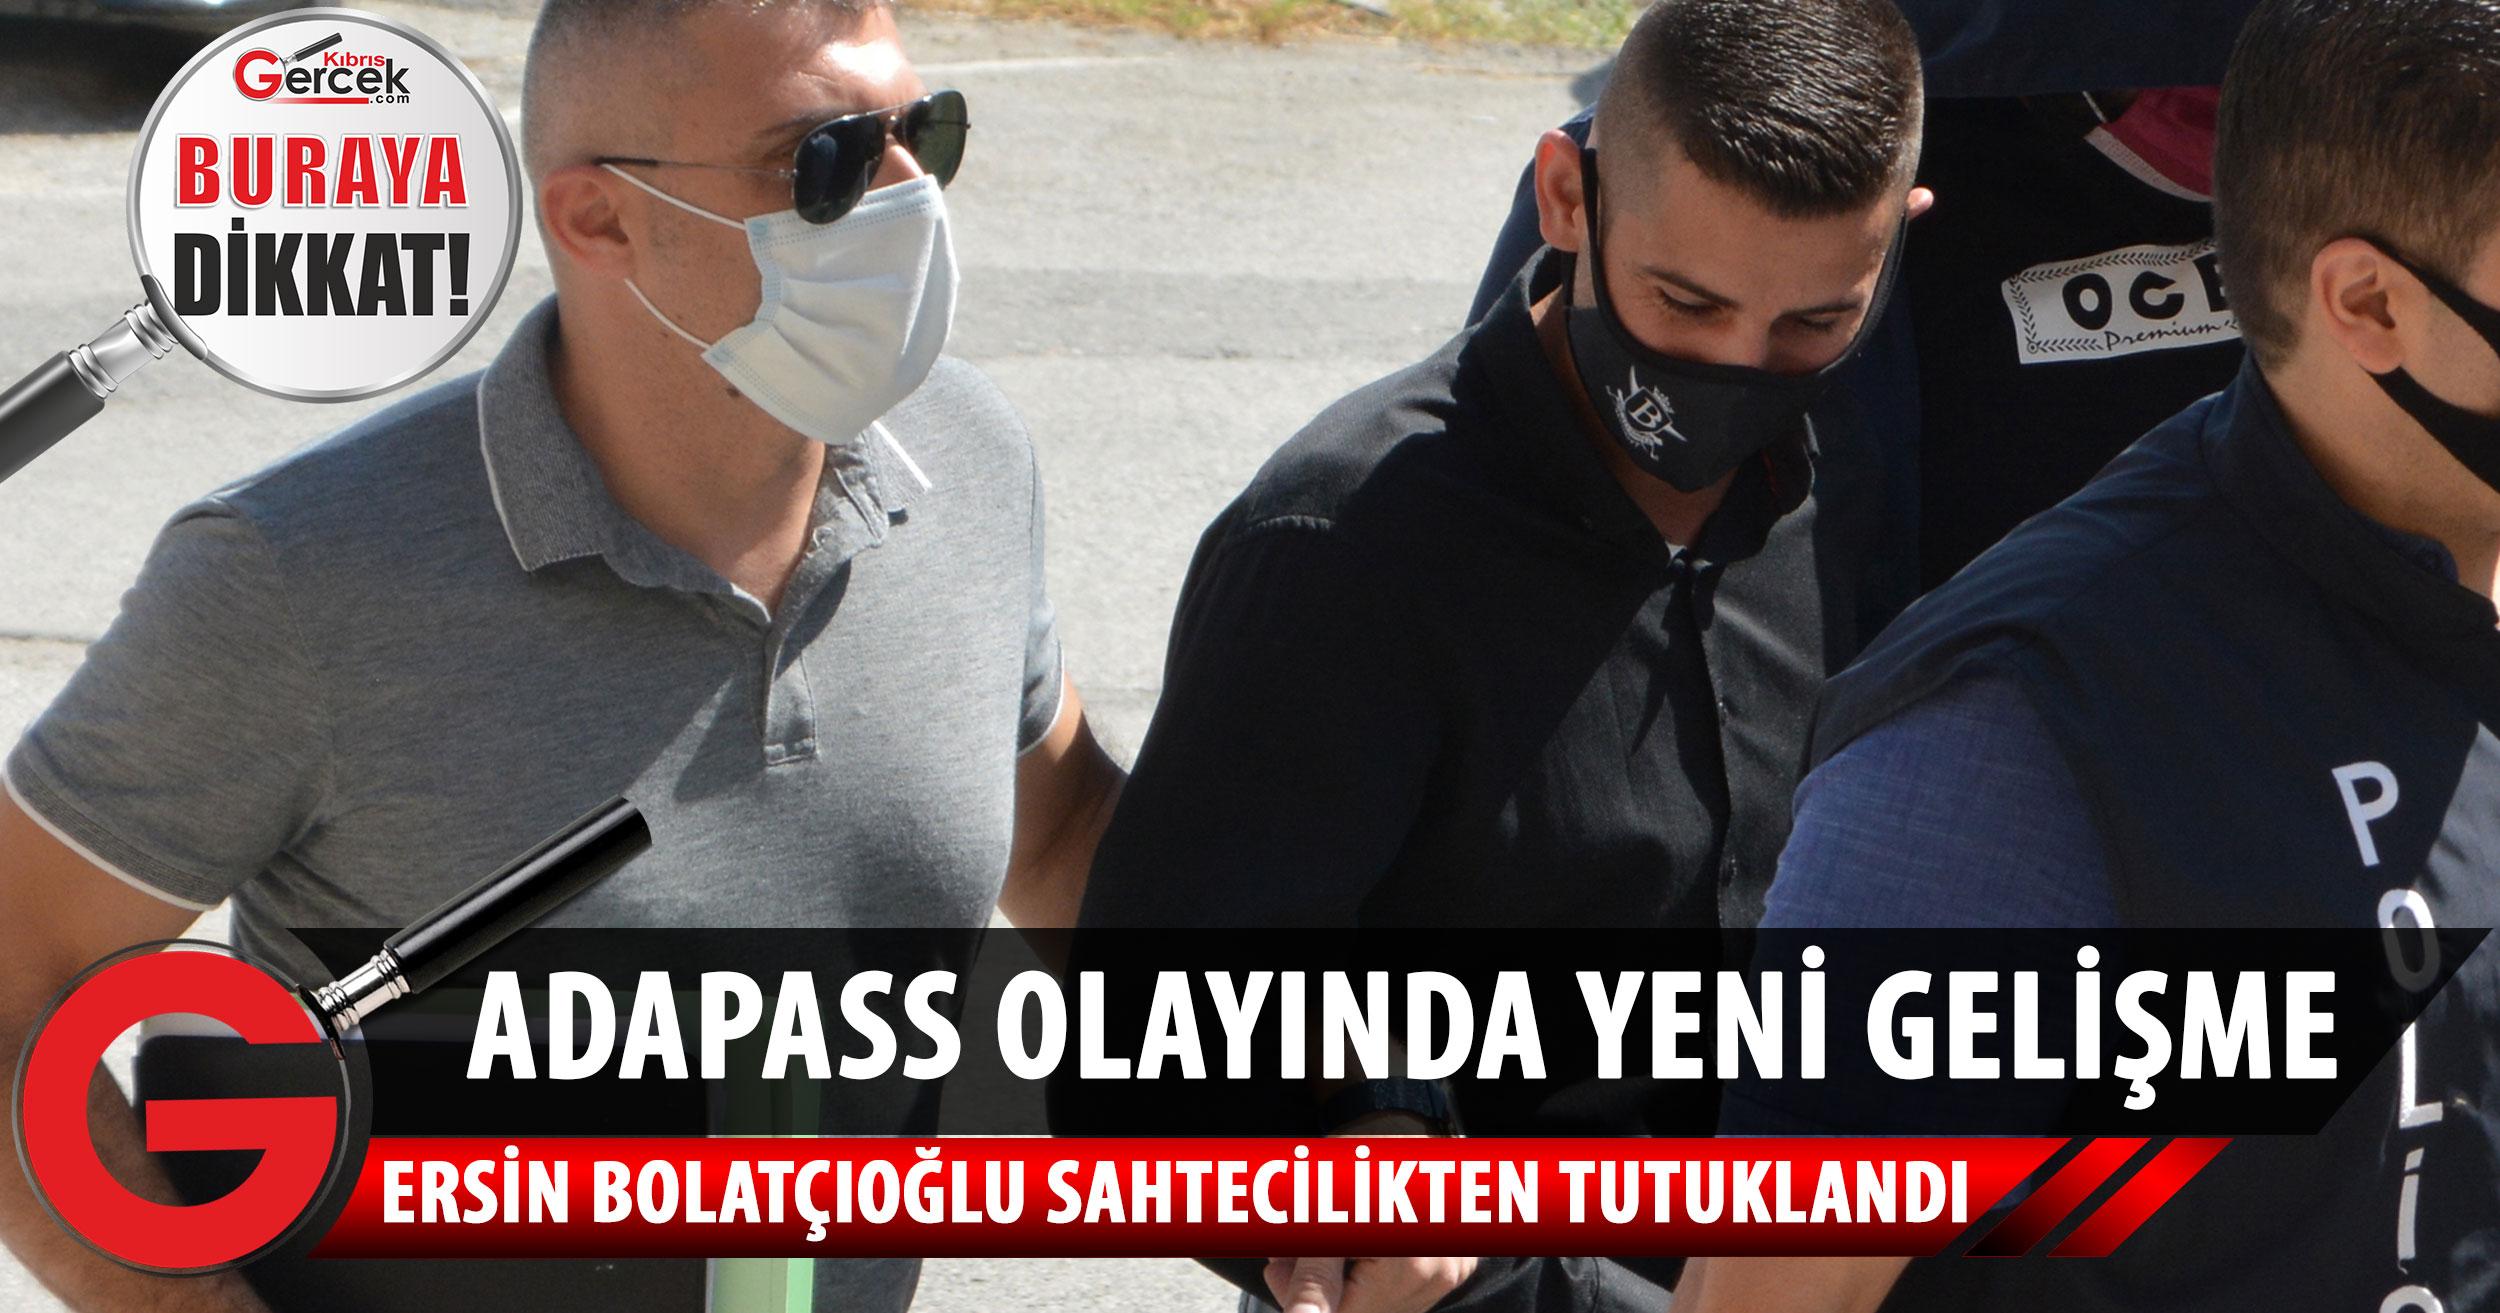 Ersin Bolatcıoğlu, sahte resmi evrak düzenleme, tedavüle sürmek suçundan tutuklandı